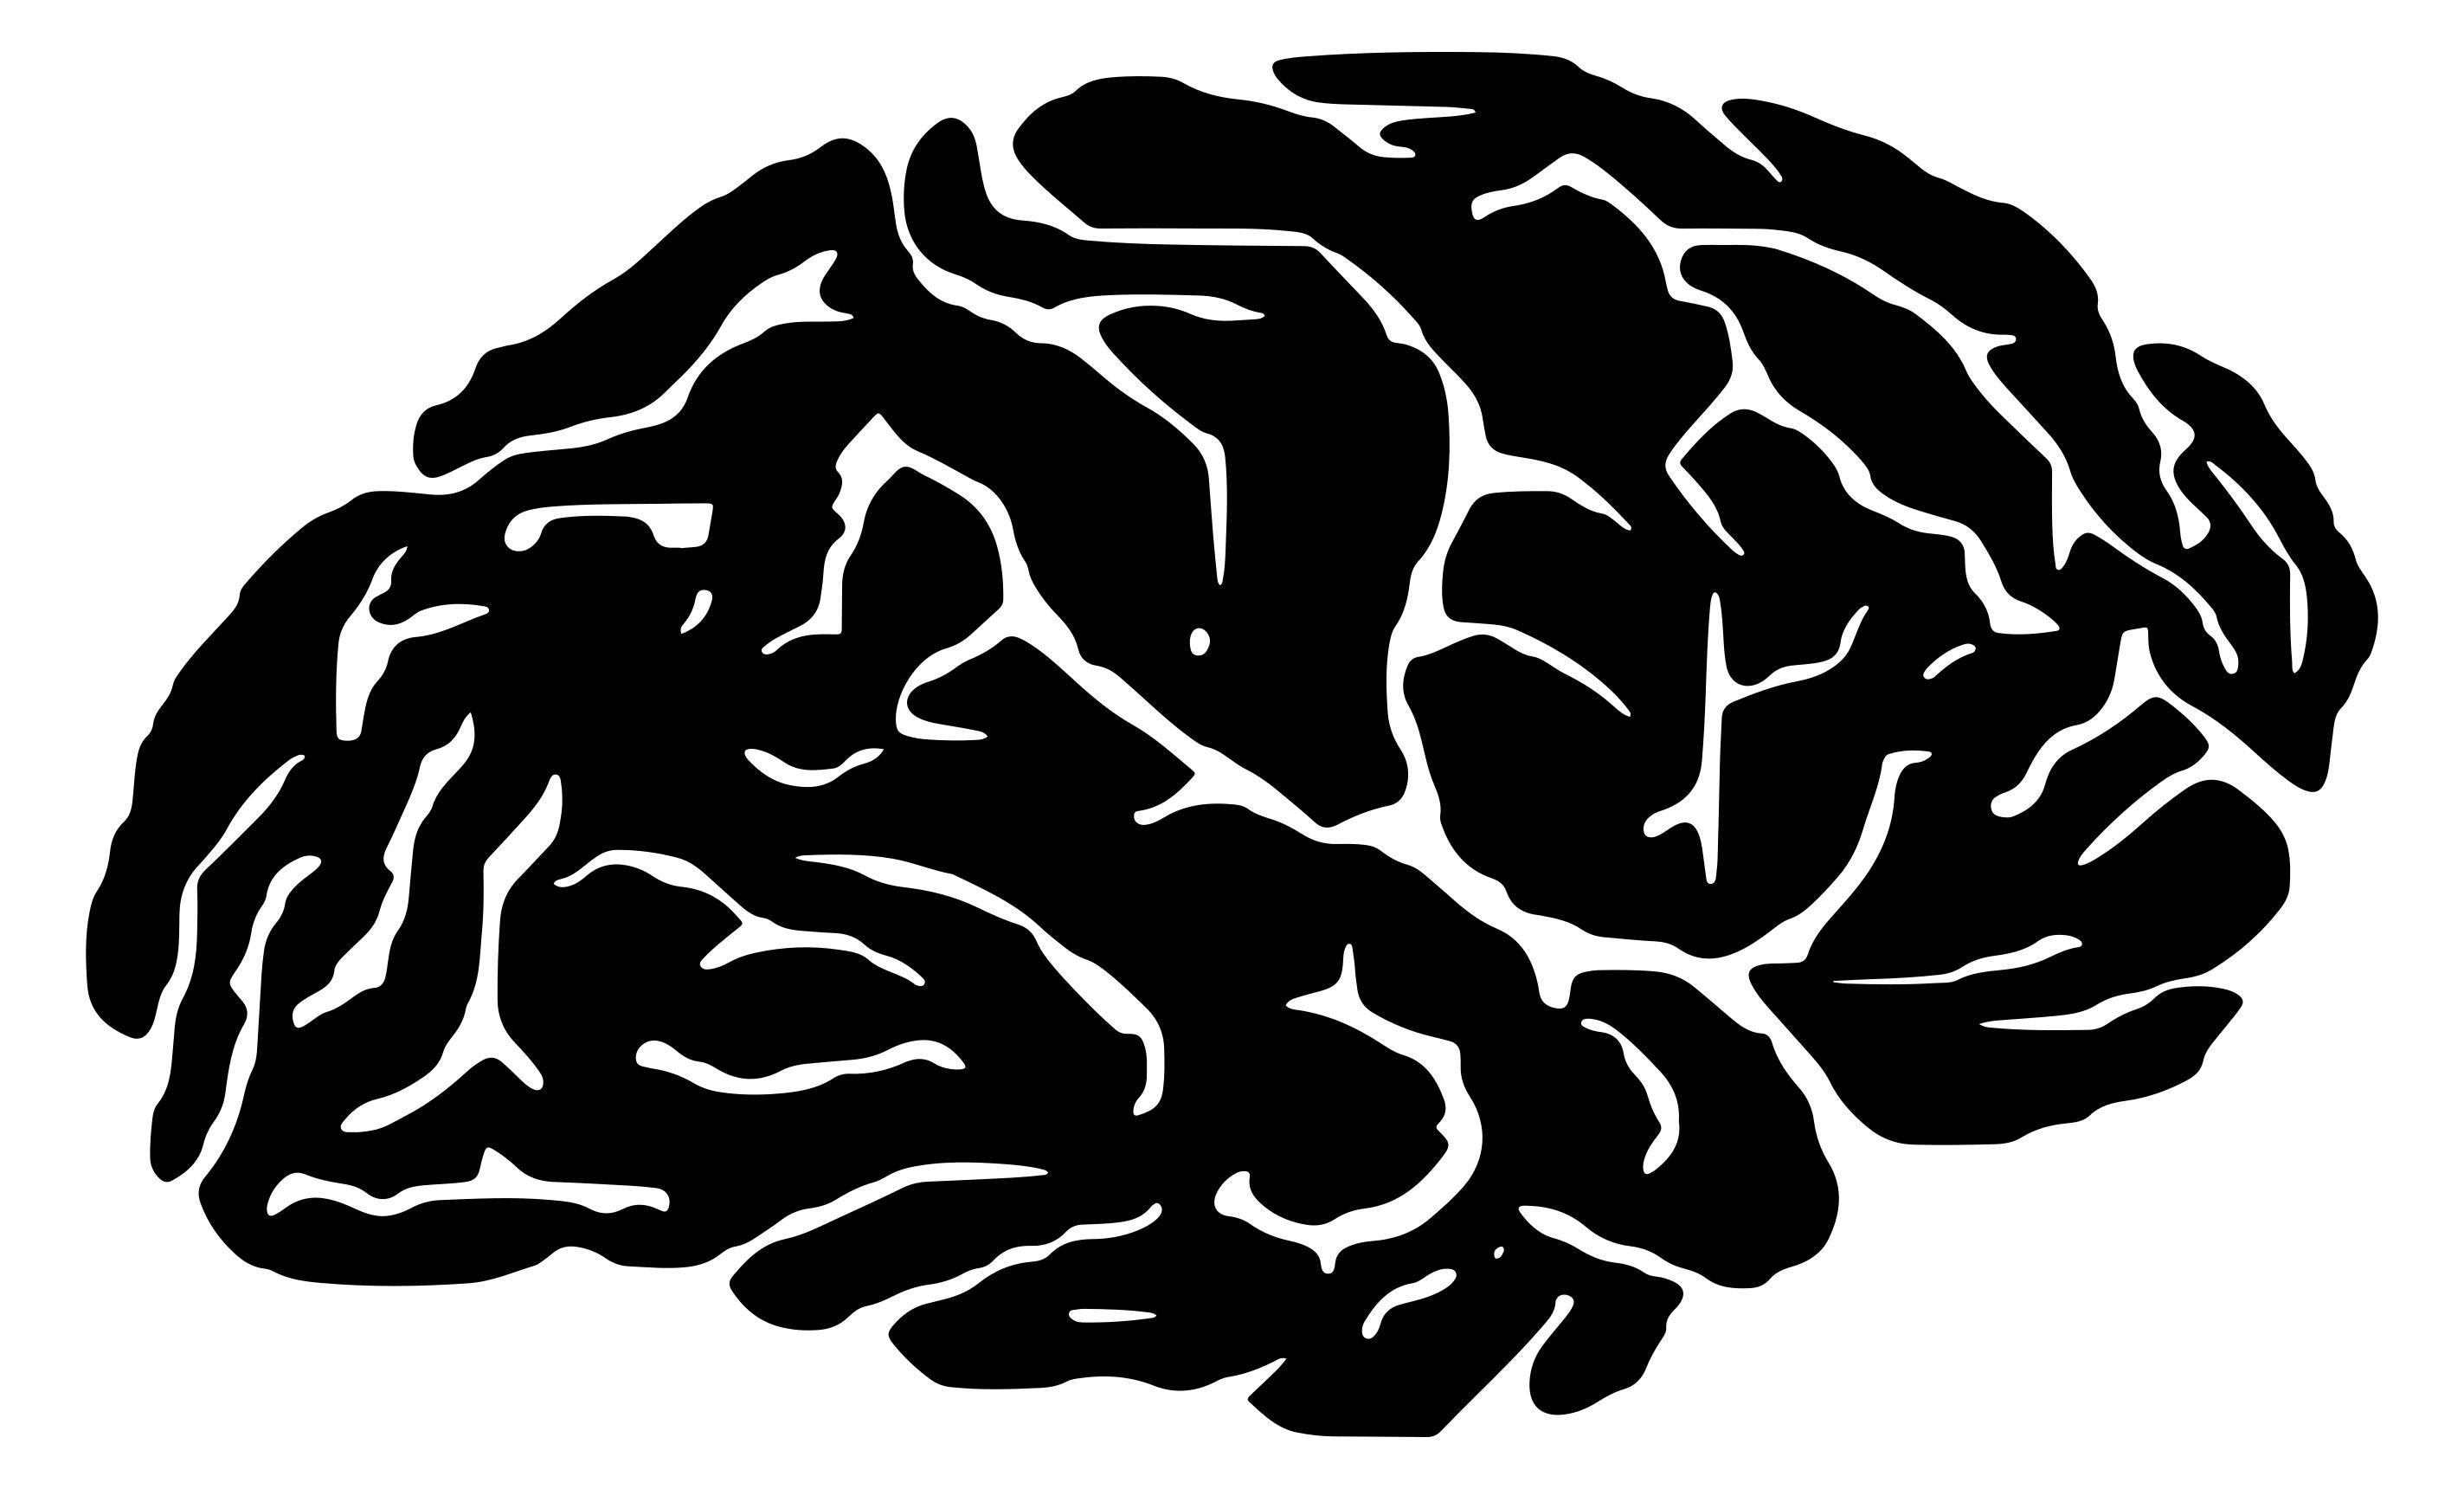 Brain clipart silhouette. Design droide download